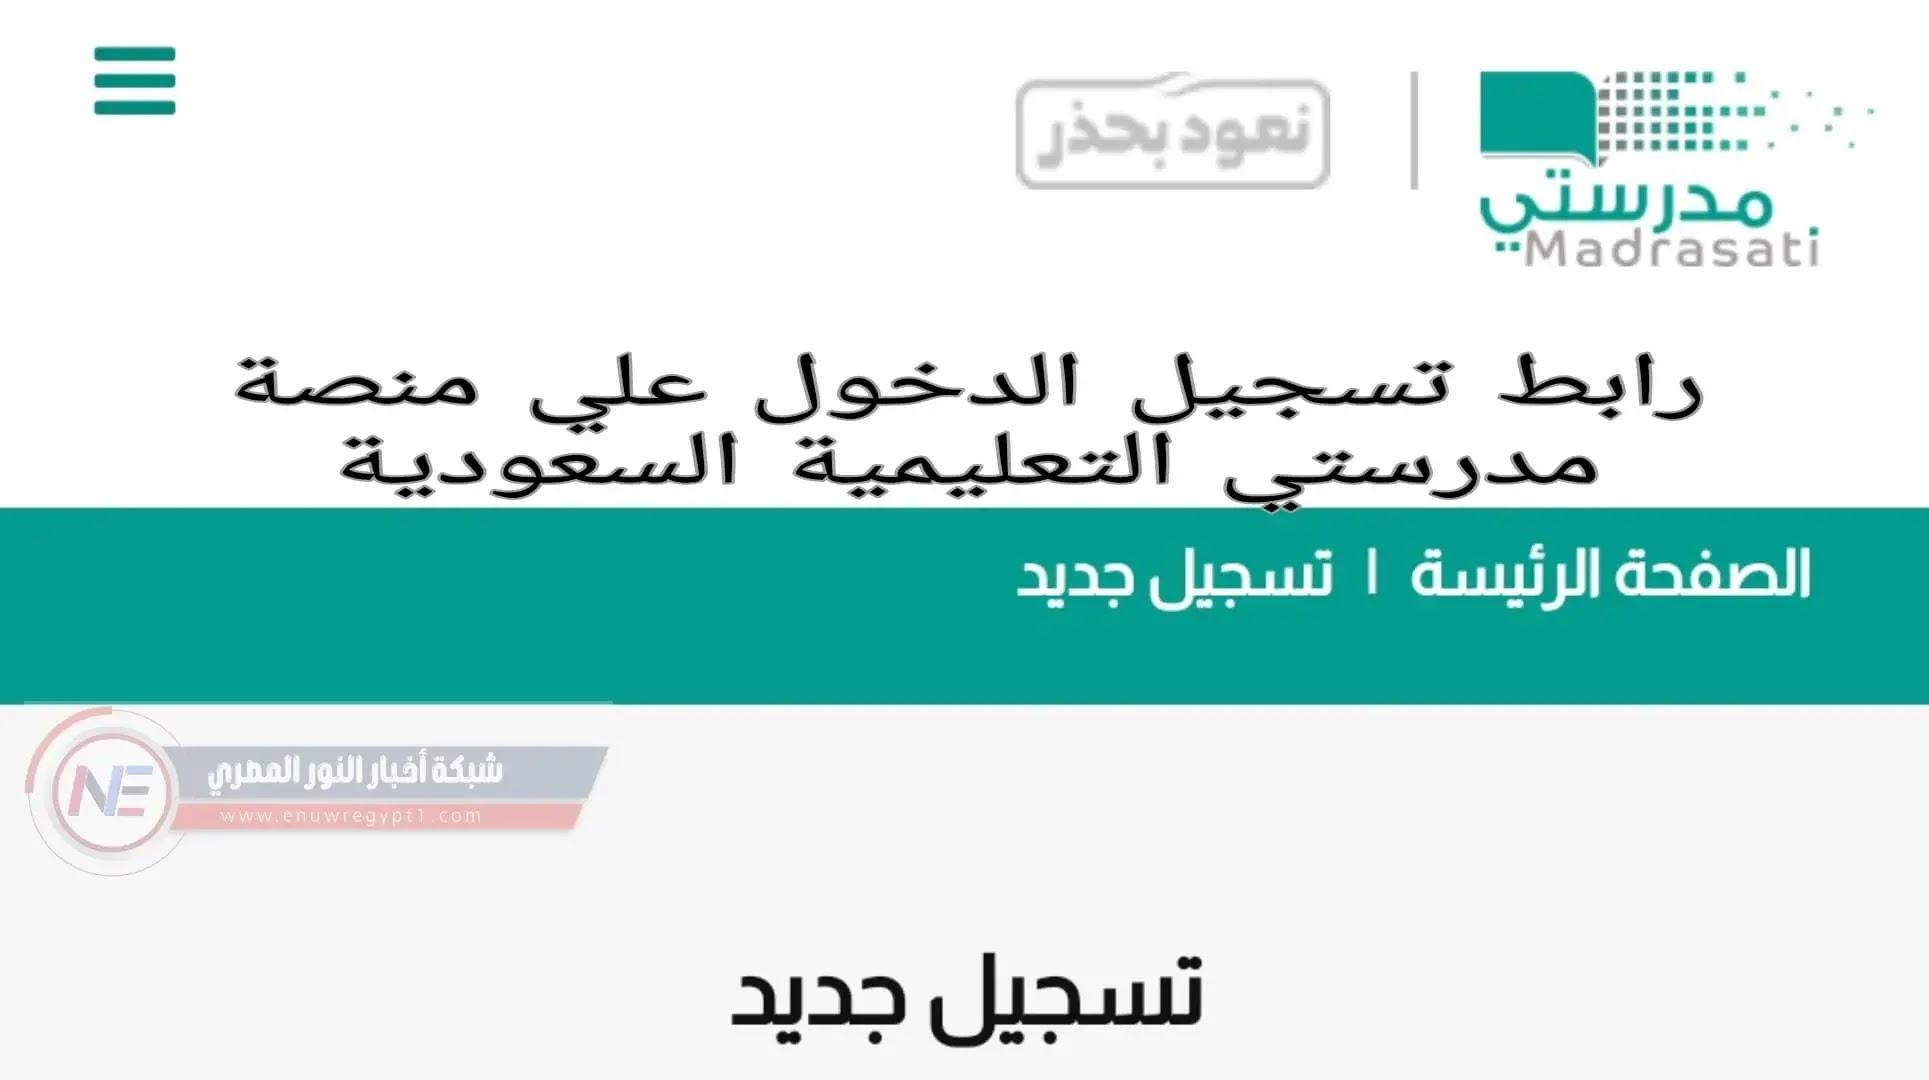 الرابط الرسمي | تسجيل الدخول علي منصة مدرستي التعليمية السعودية | رابط تسجيل الدخول منصة مدرستي الرسمية 1442 وزارة التعليم السعودية madrasati